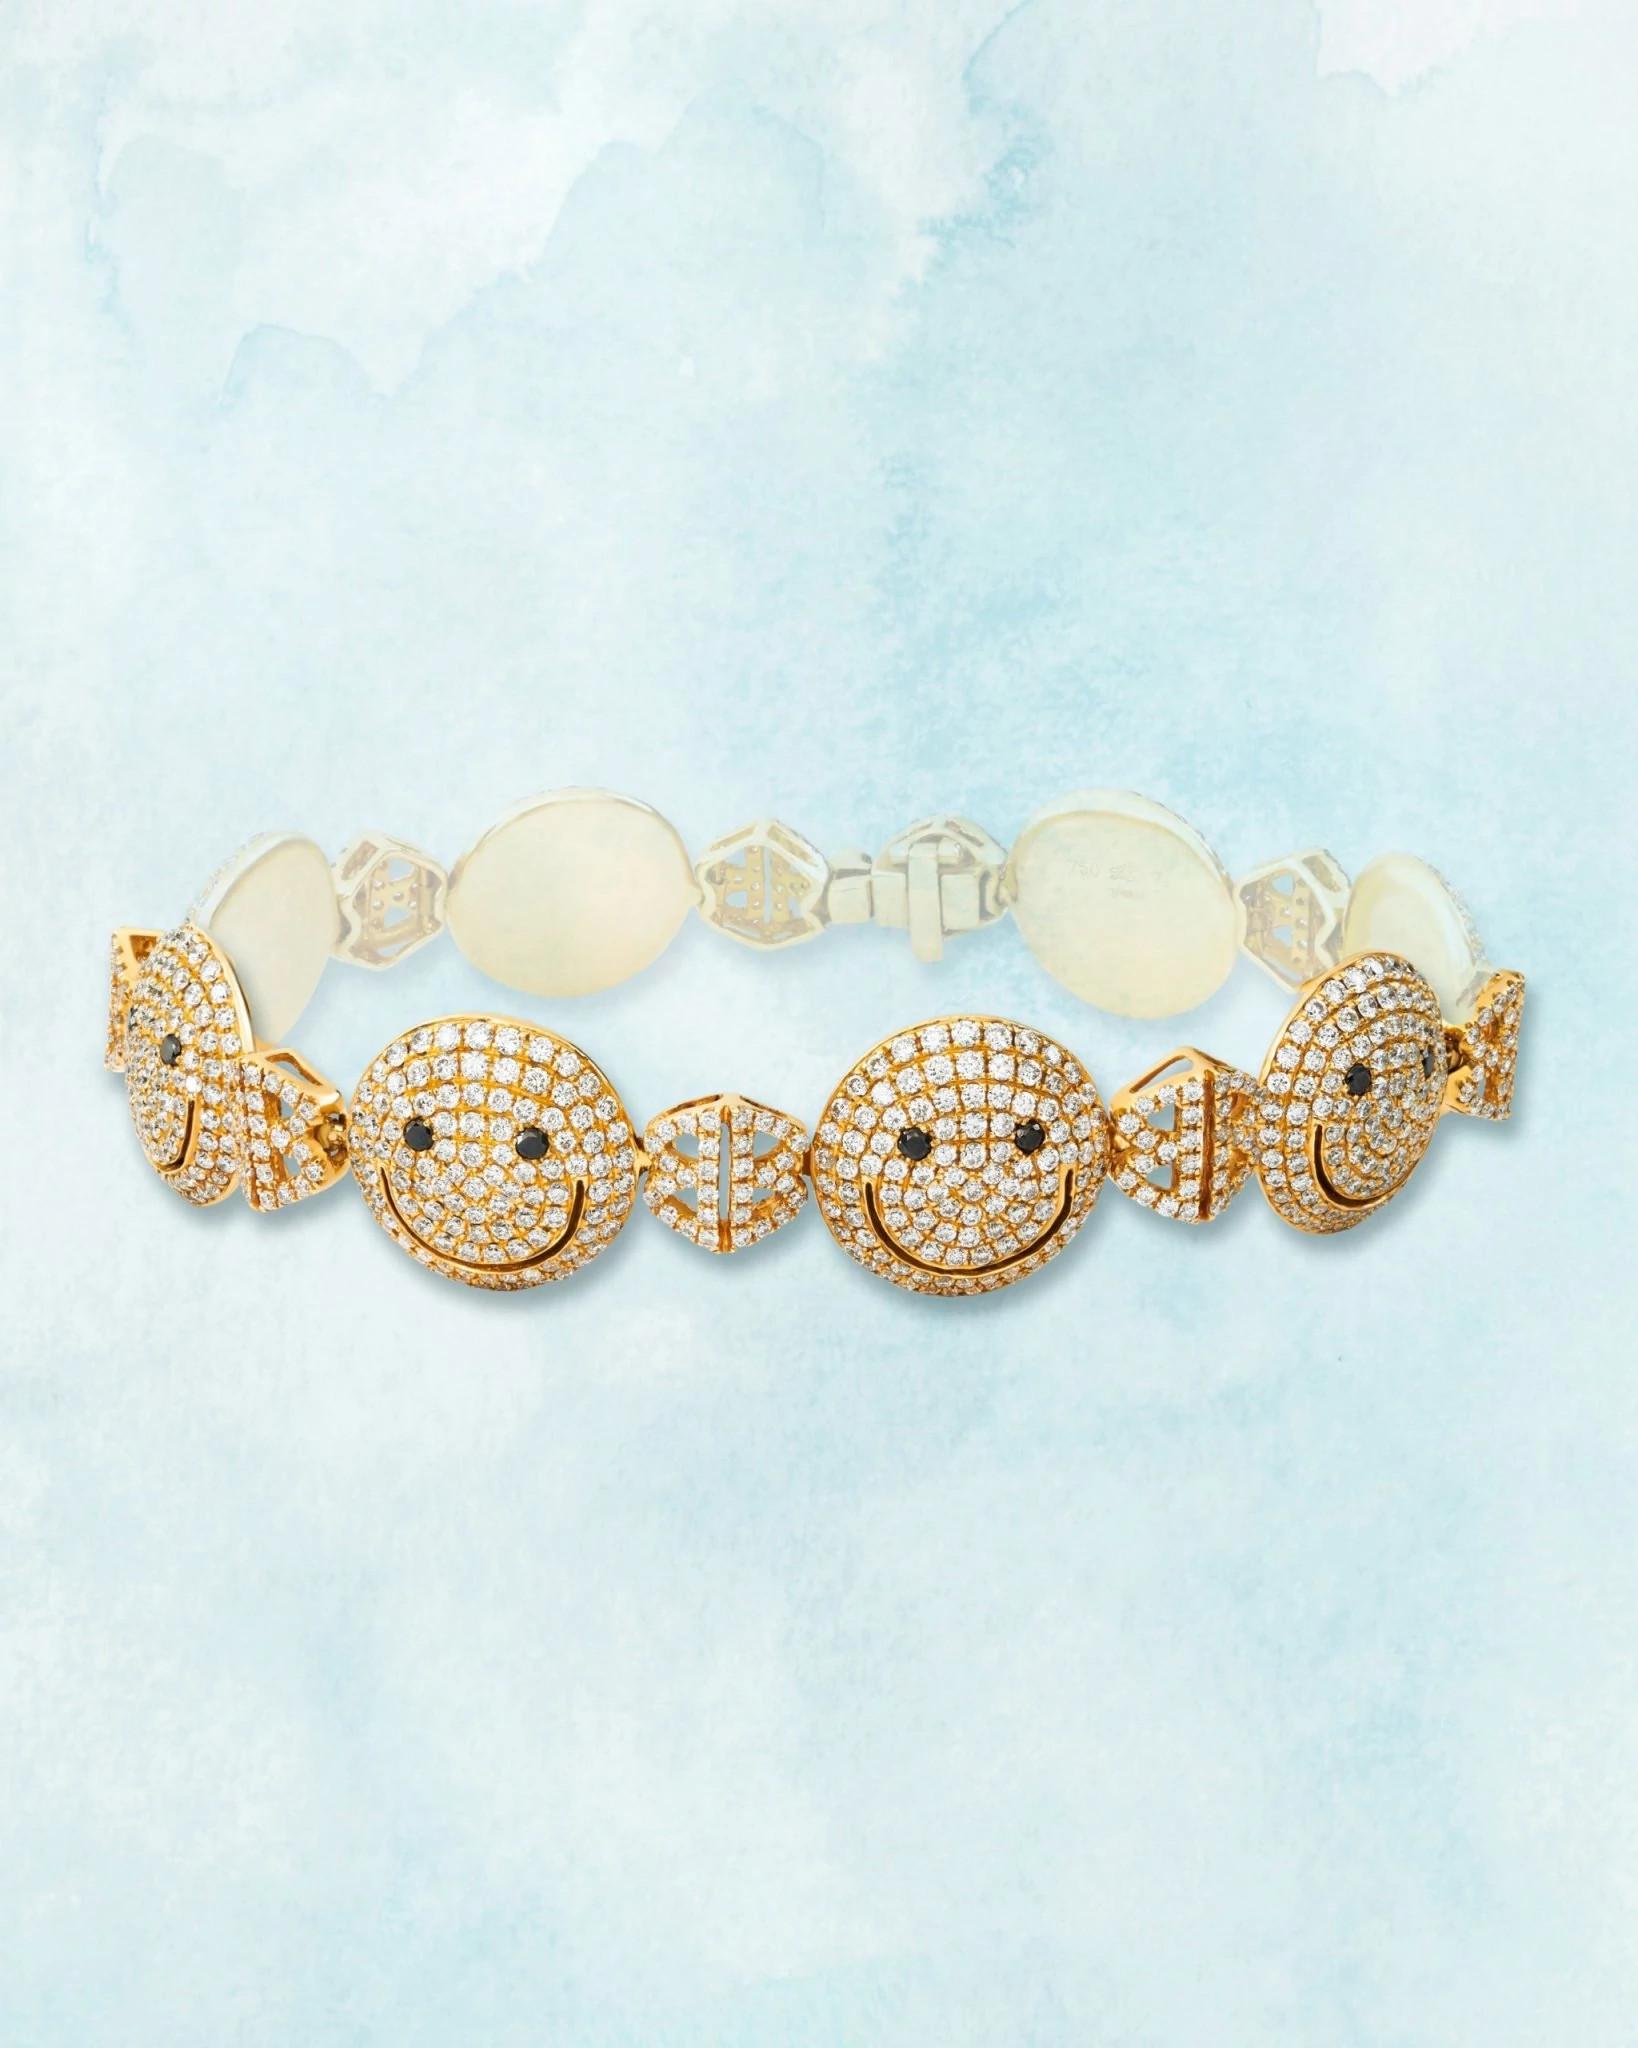 洛林·施瓦茨设计的天然钻石饰品